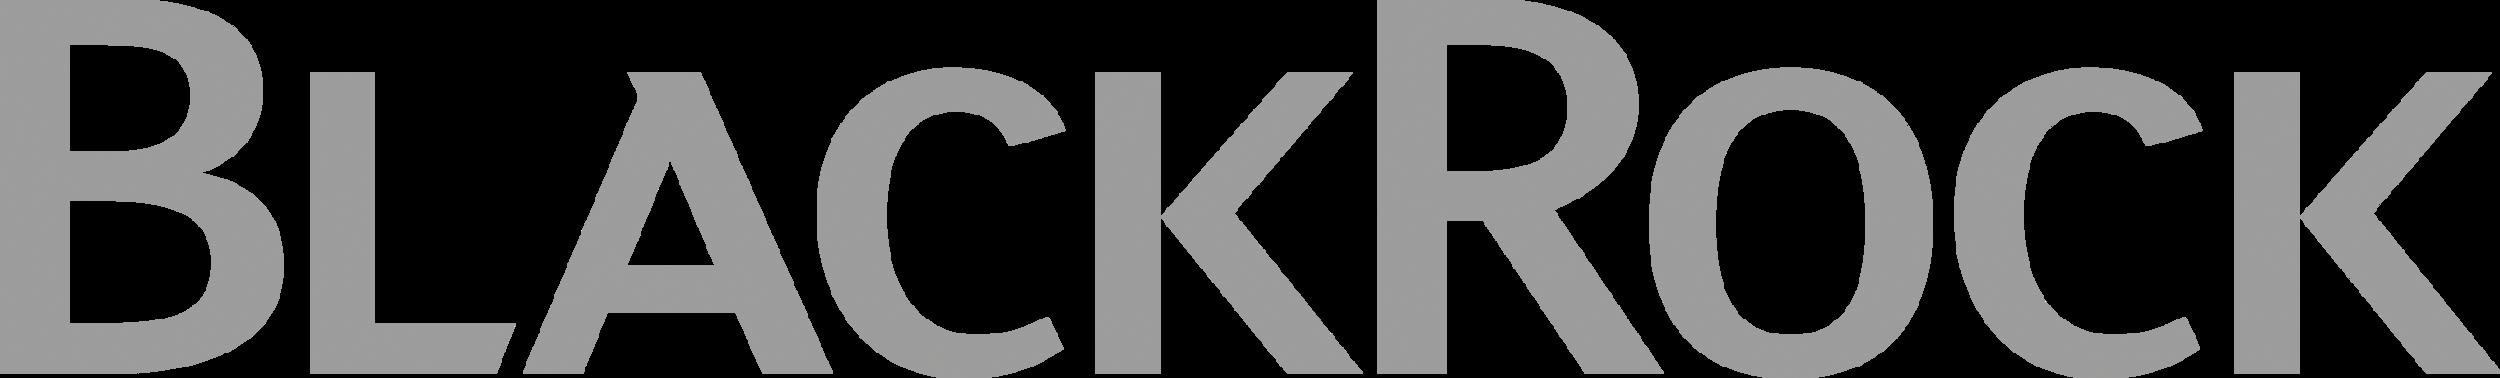 Copy of Blackrock